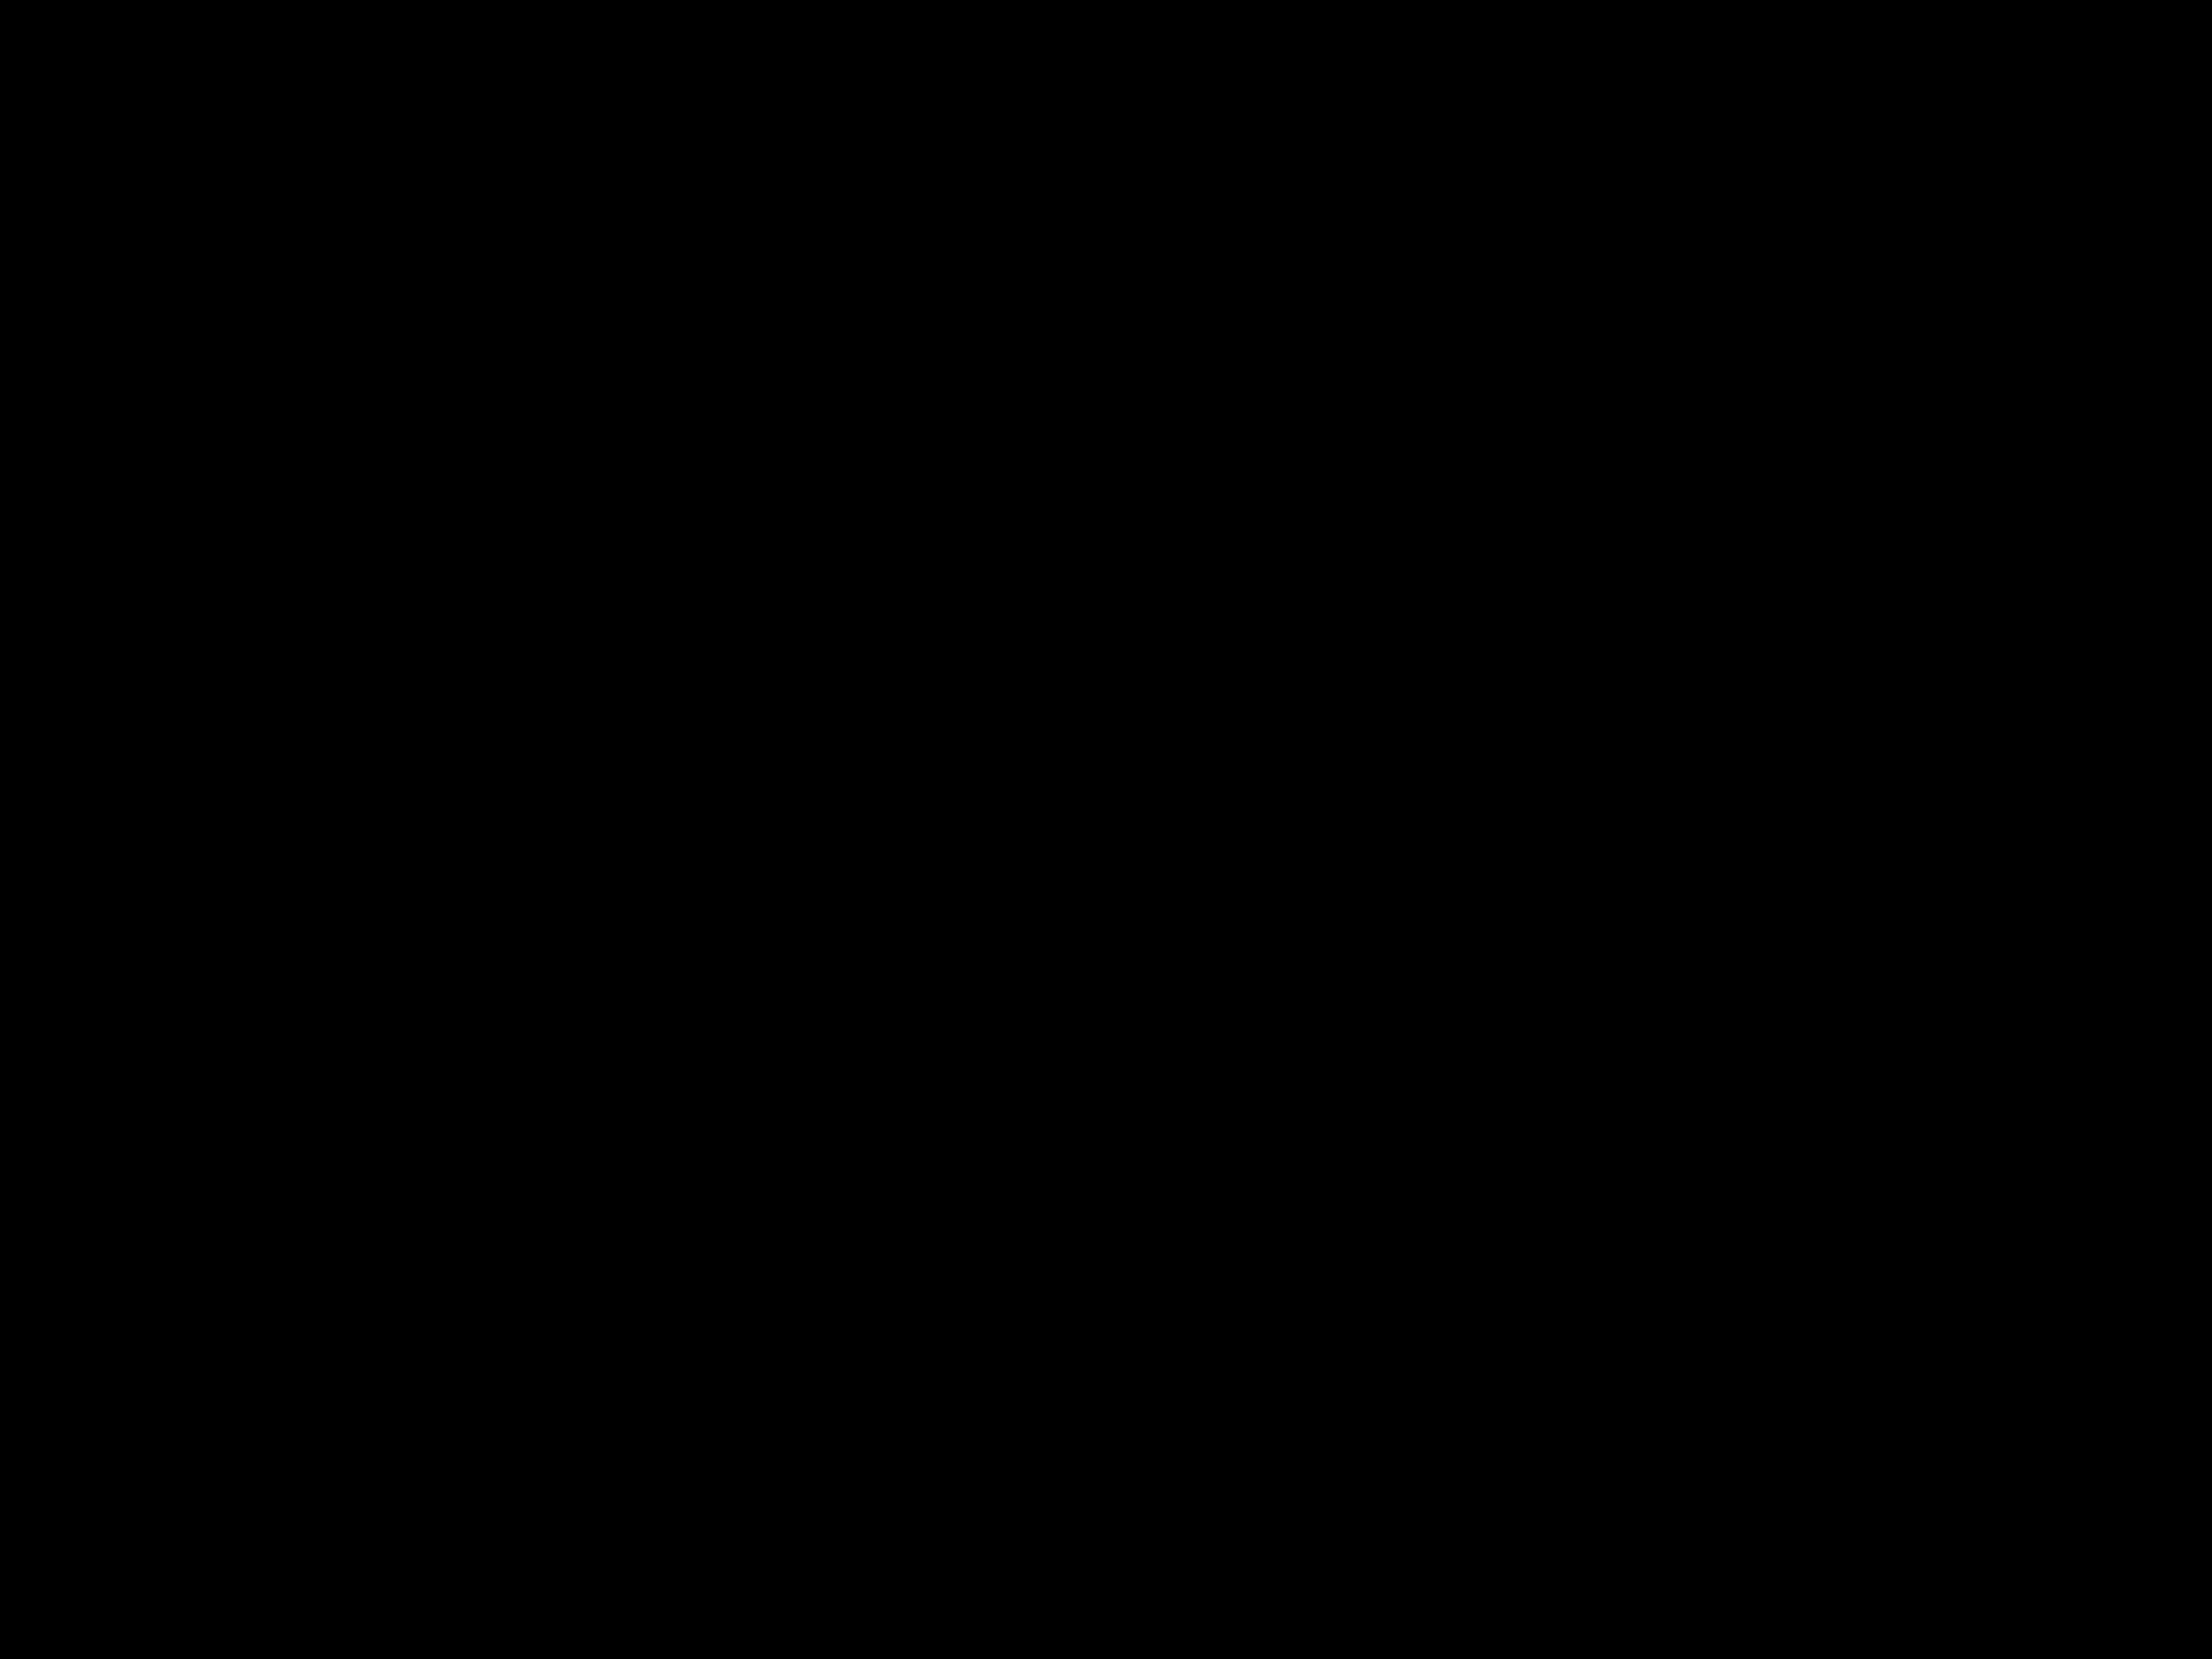 ISHIKAWA improvement method